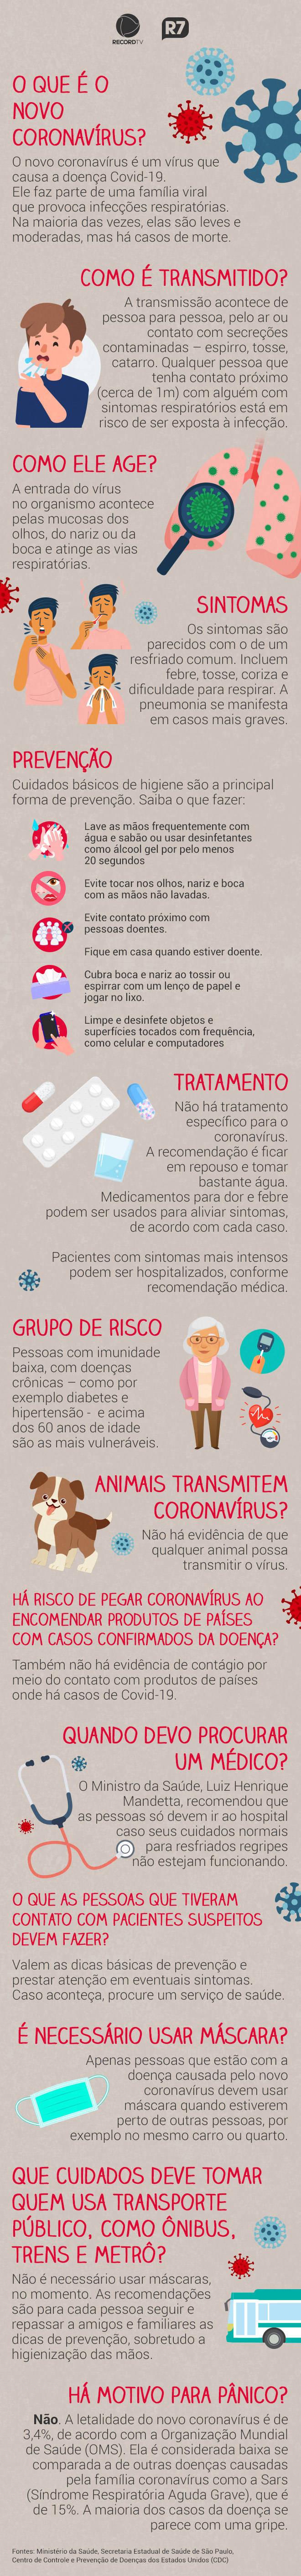 Guia com informações básicas sobre o novo coronavírus